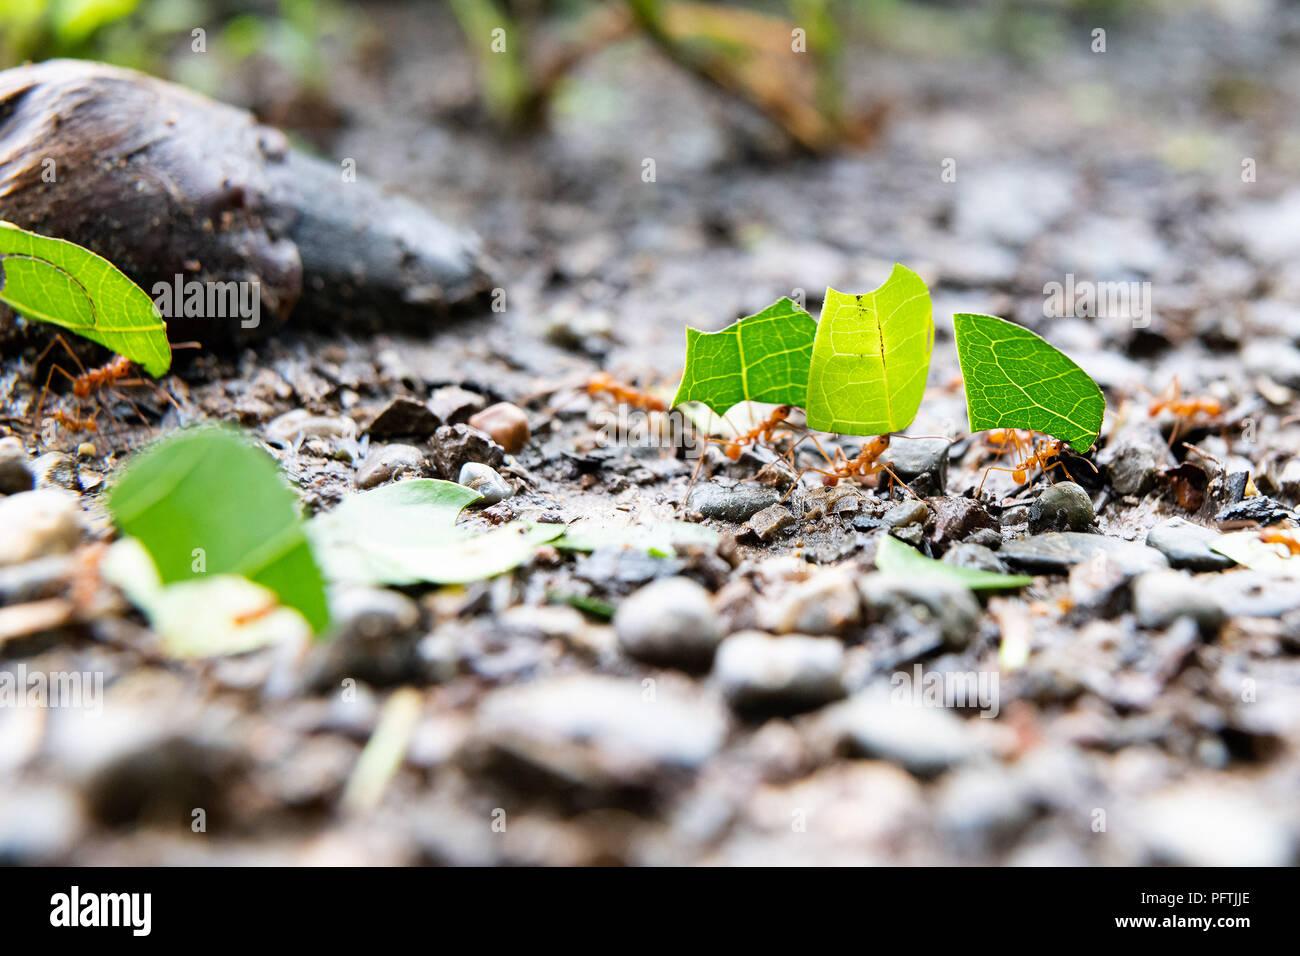 Ameisen tragen Blätter Stockbild